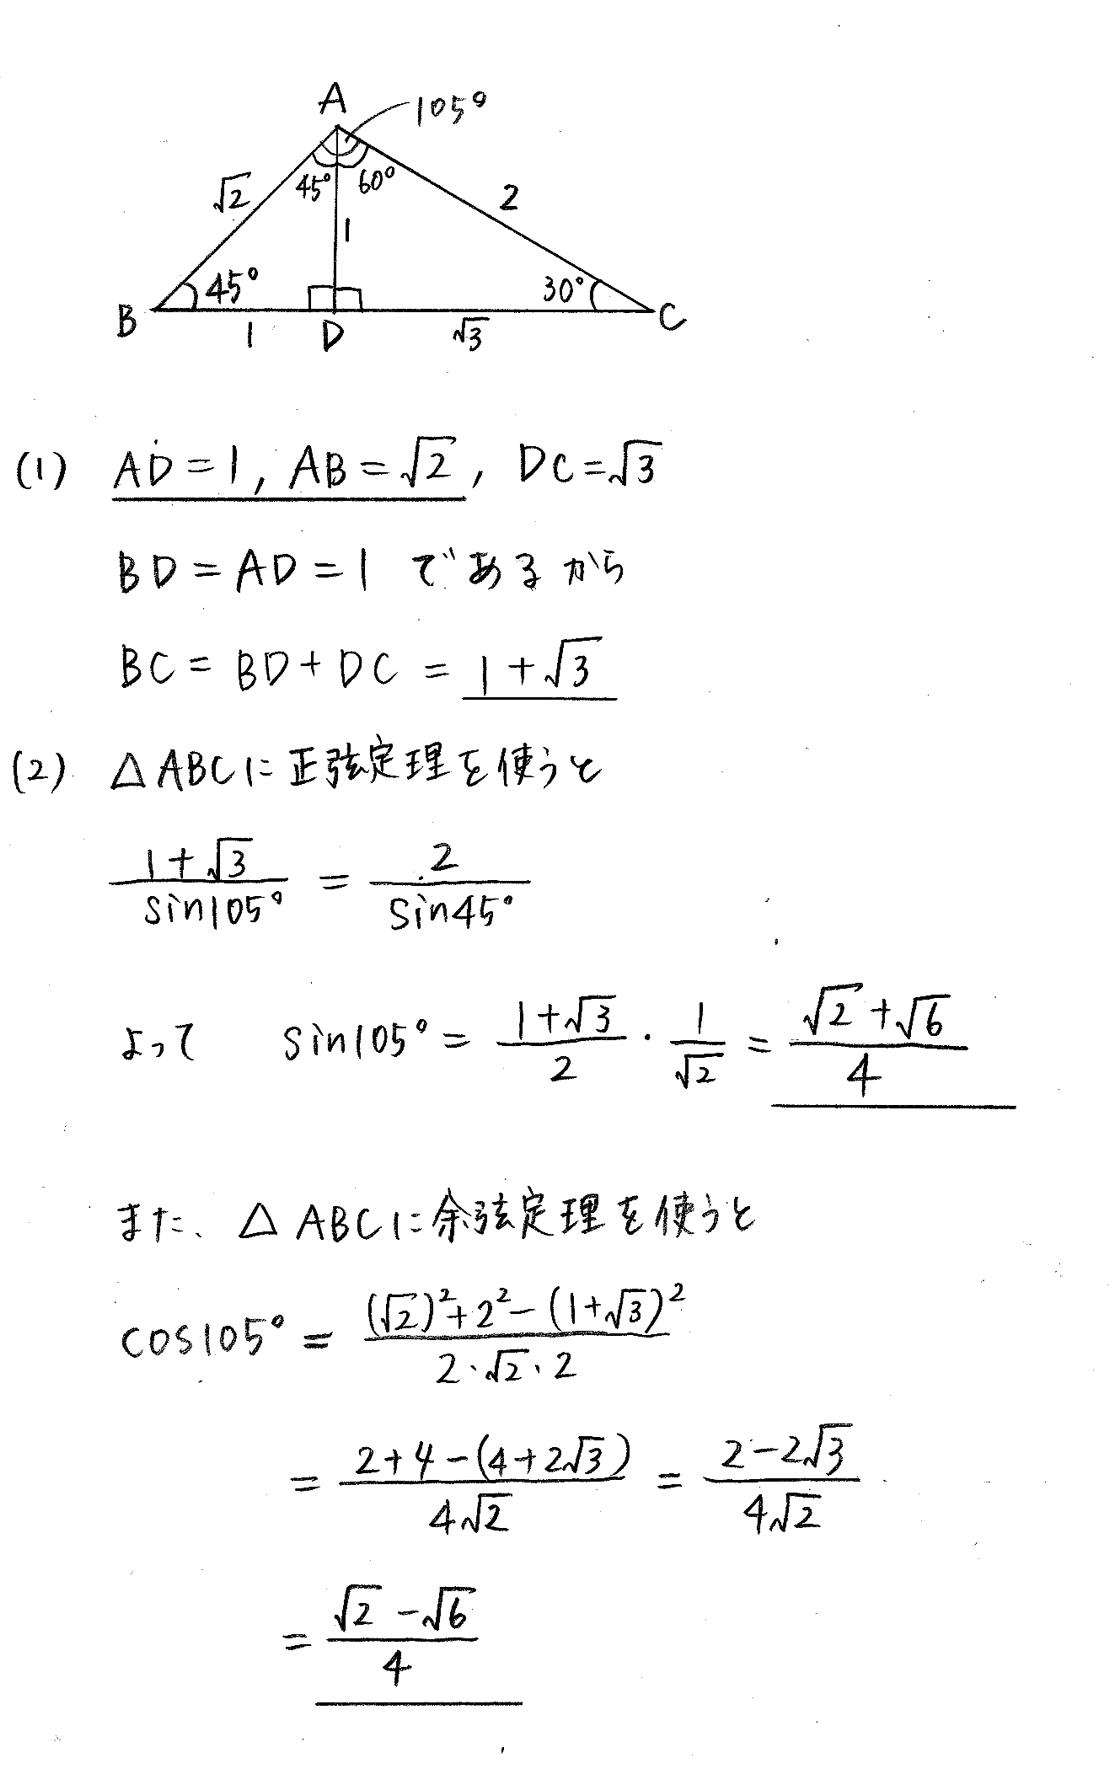 クリアー数学1-306解答